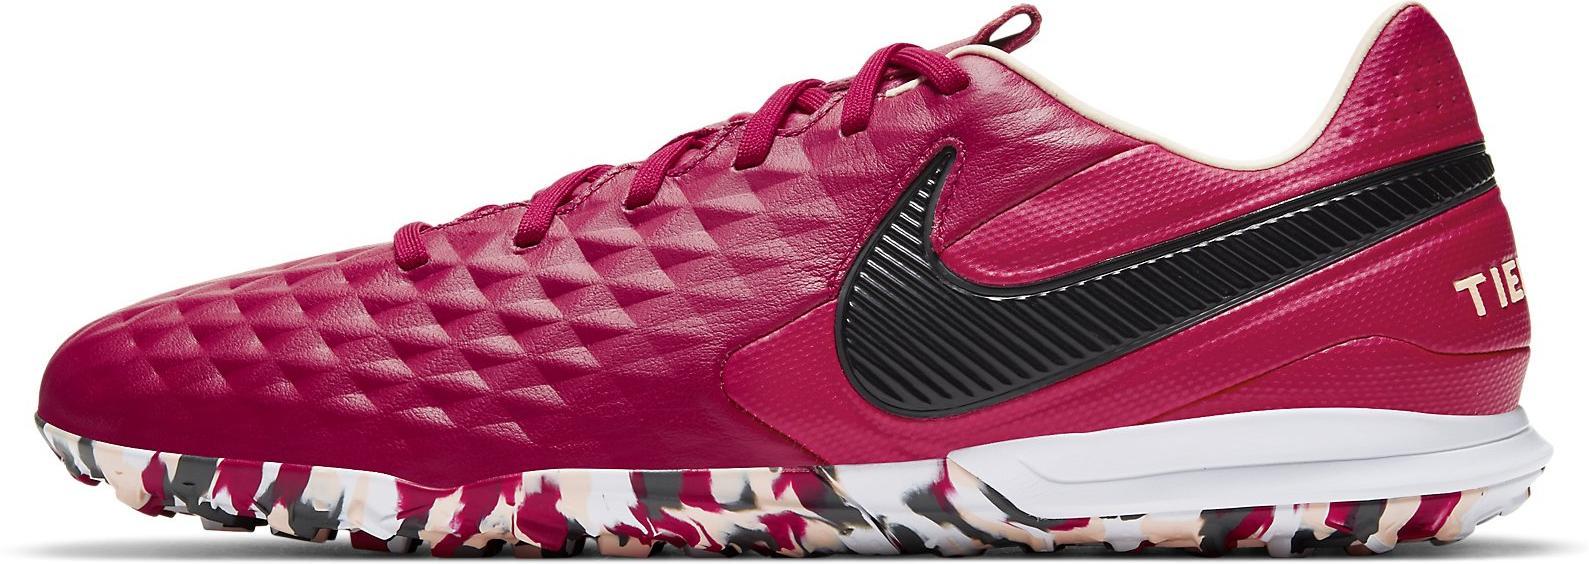 Kopačky Nike LEGEND 8 PRO TF vínová